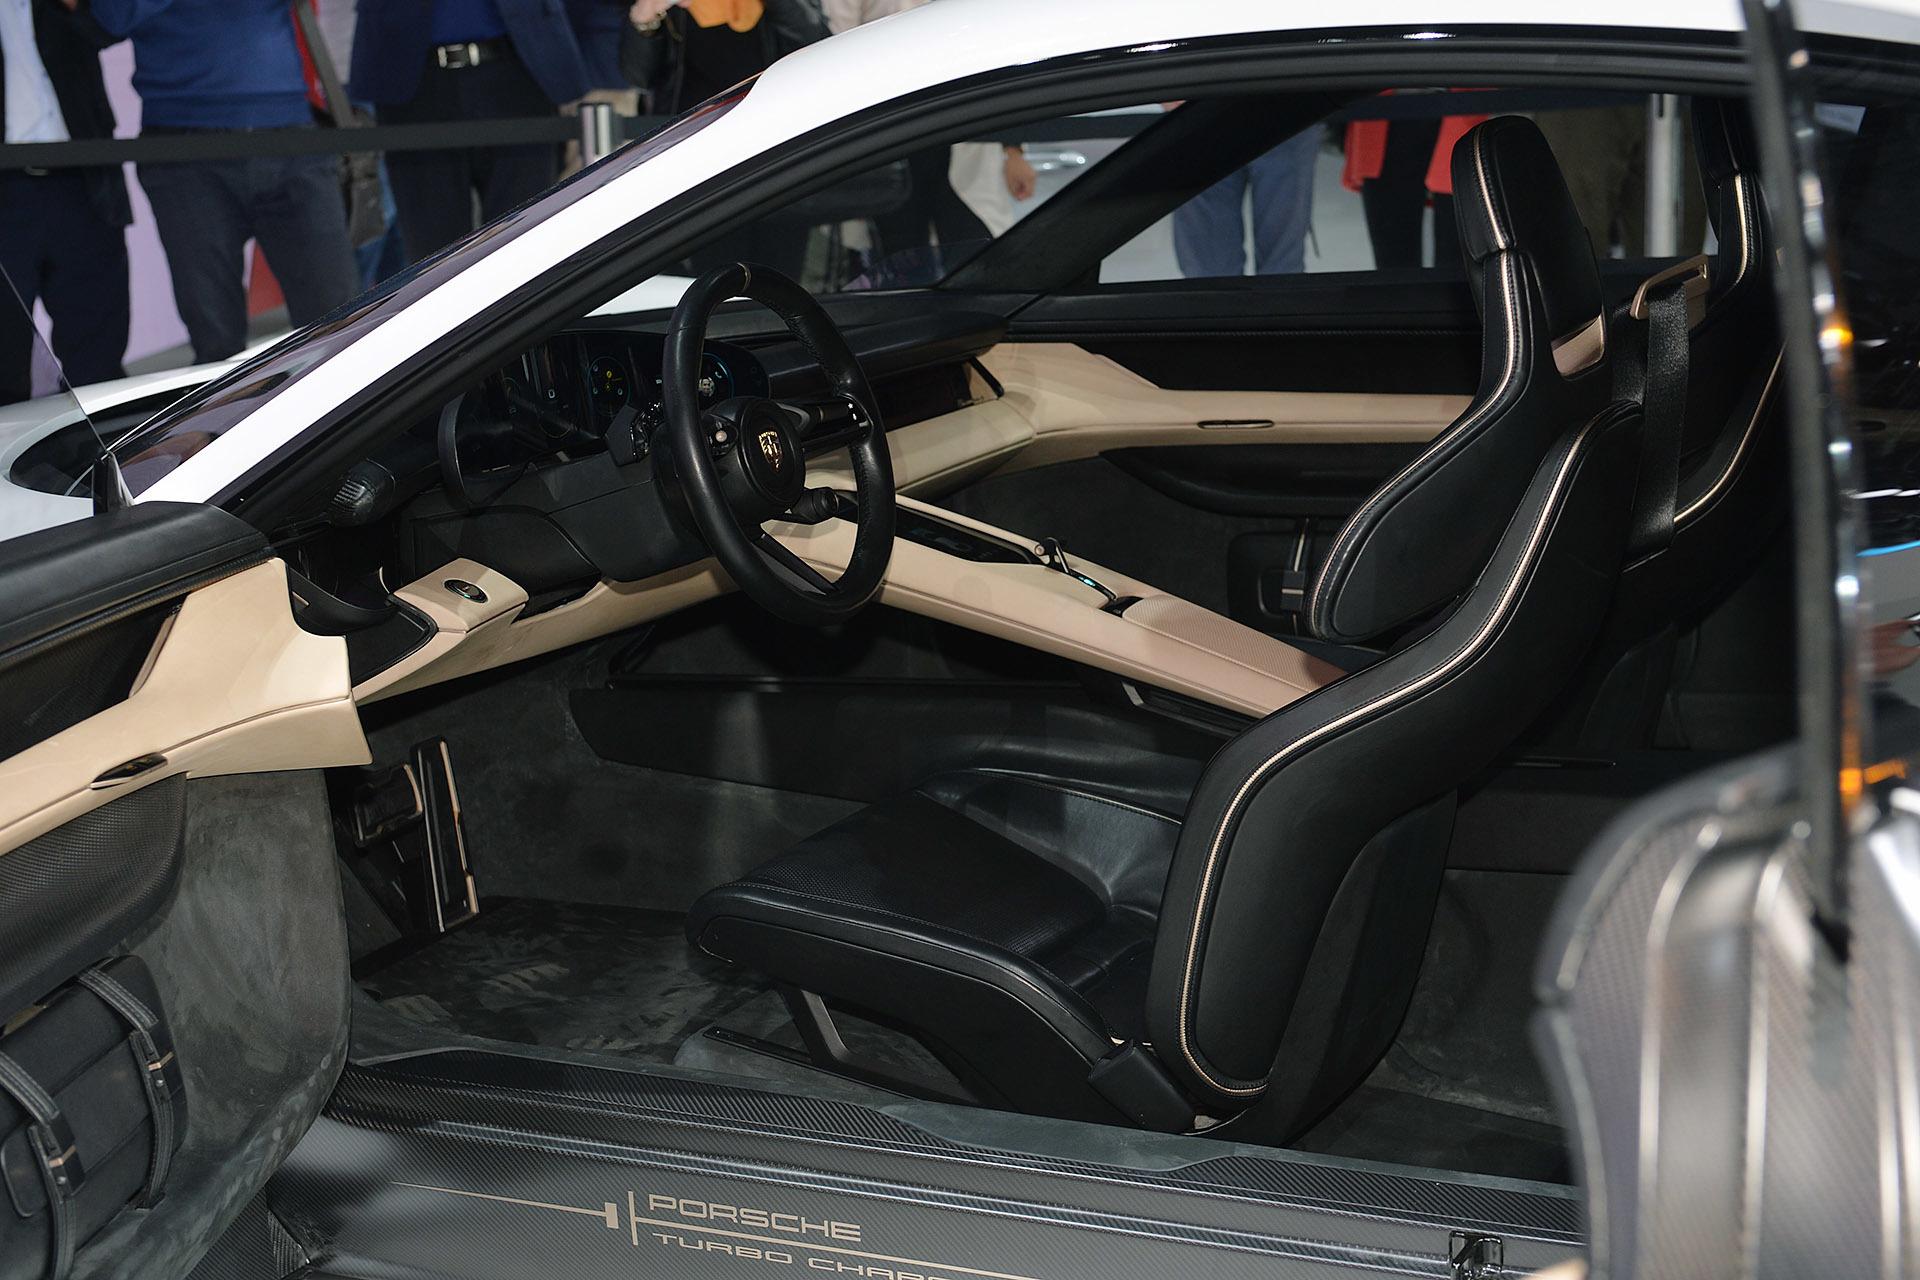 Mission E Concept Sedan By Porsche 8